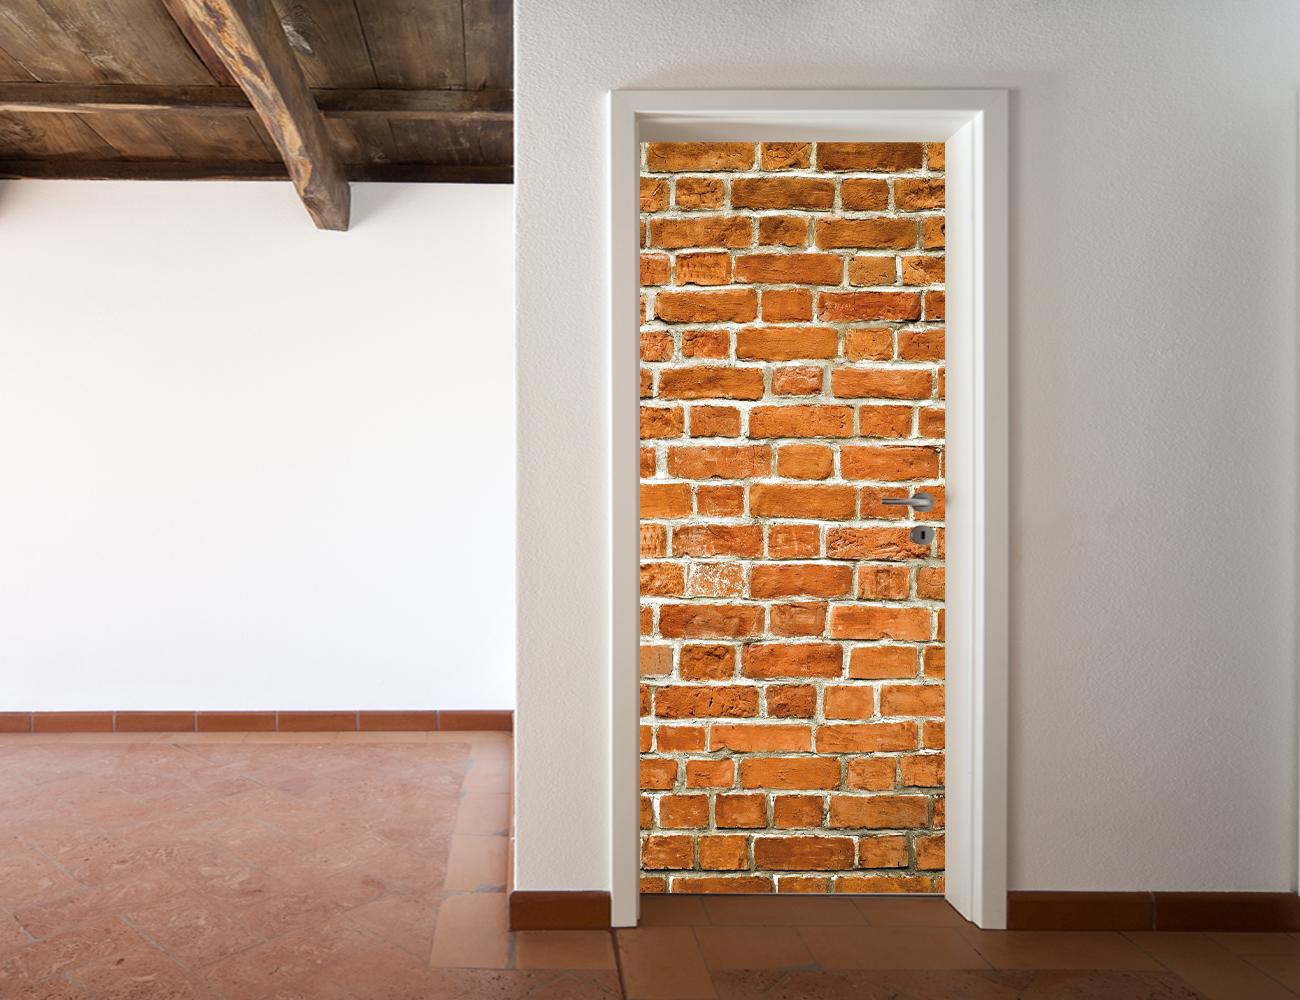 Adesivi follia adesivo per porte mattoni - Adesivi decorativi per porte ...